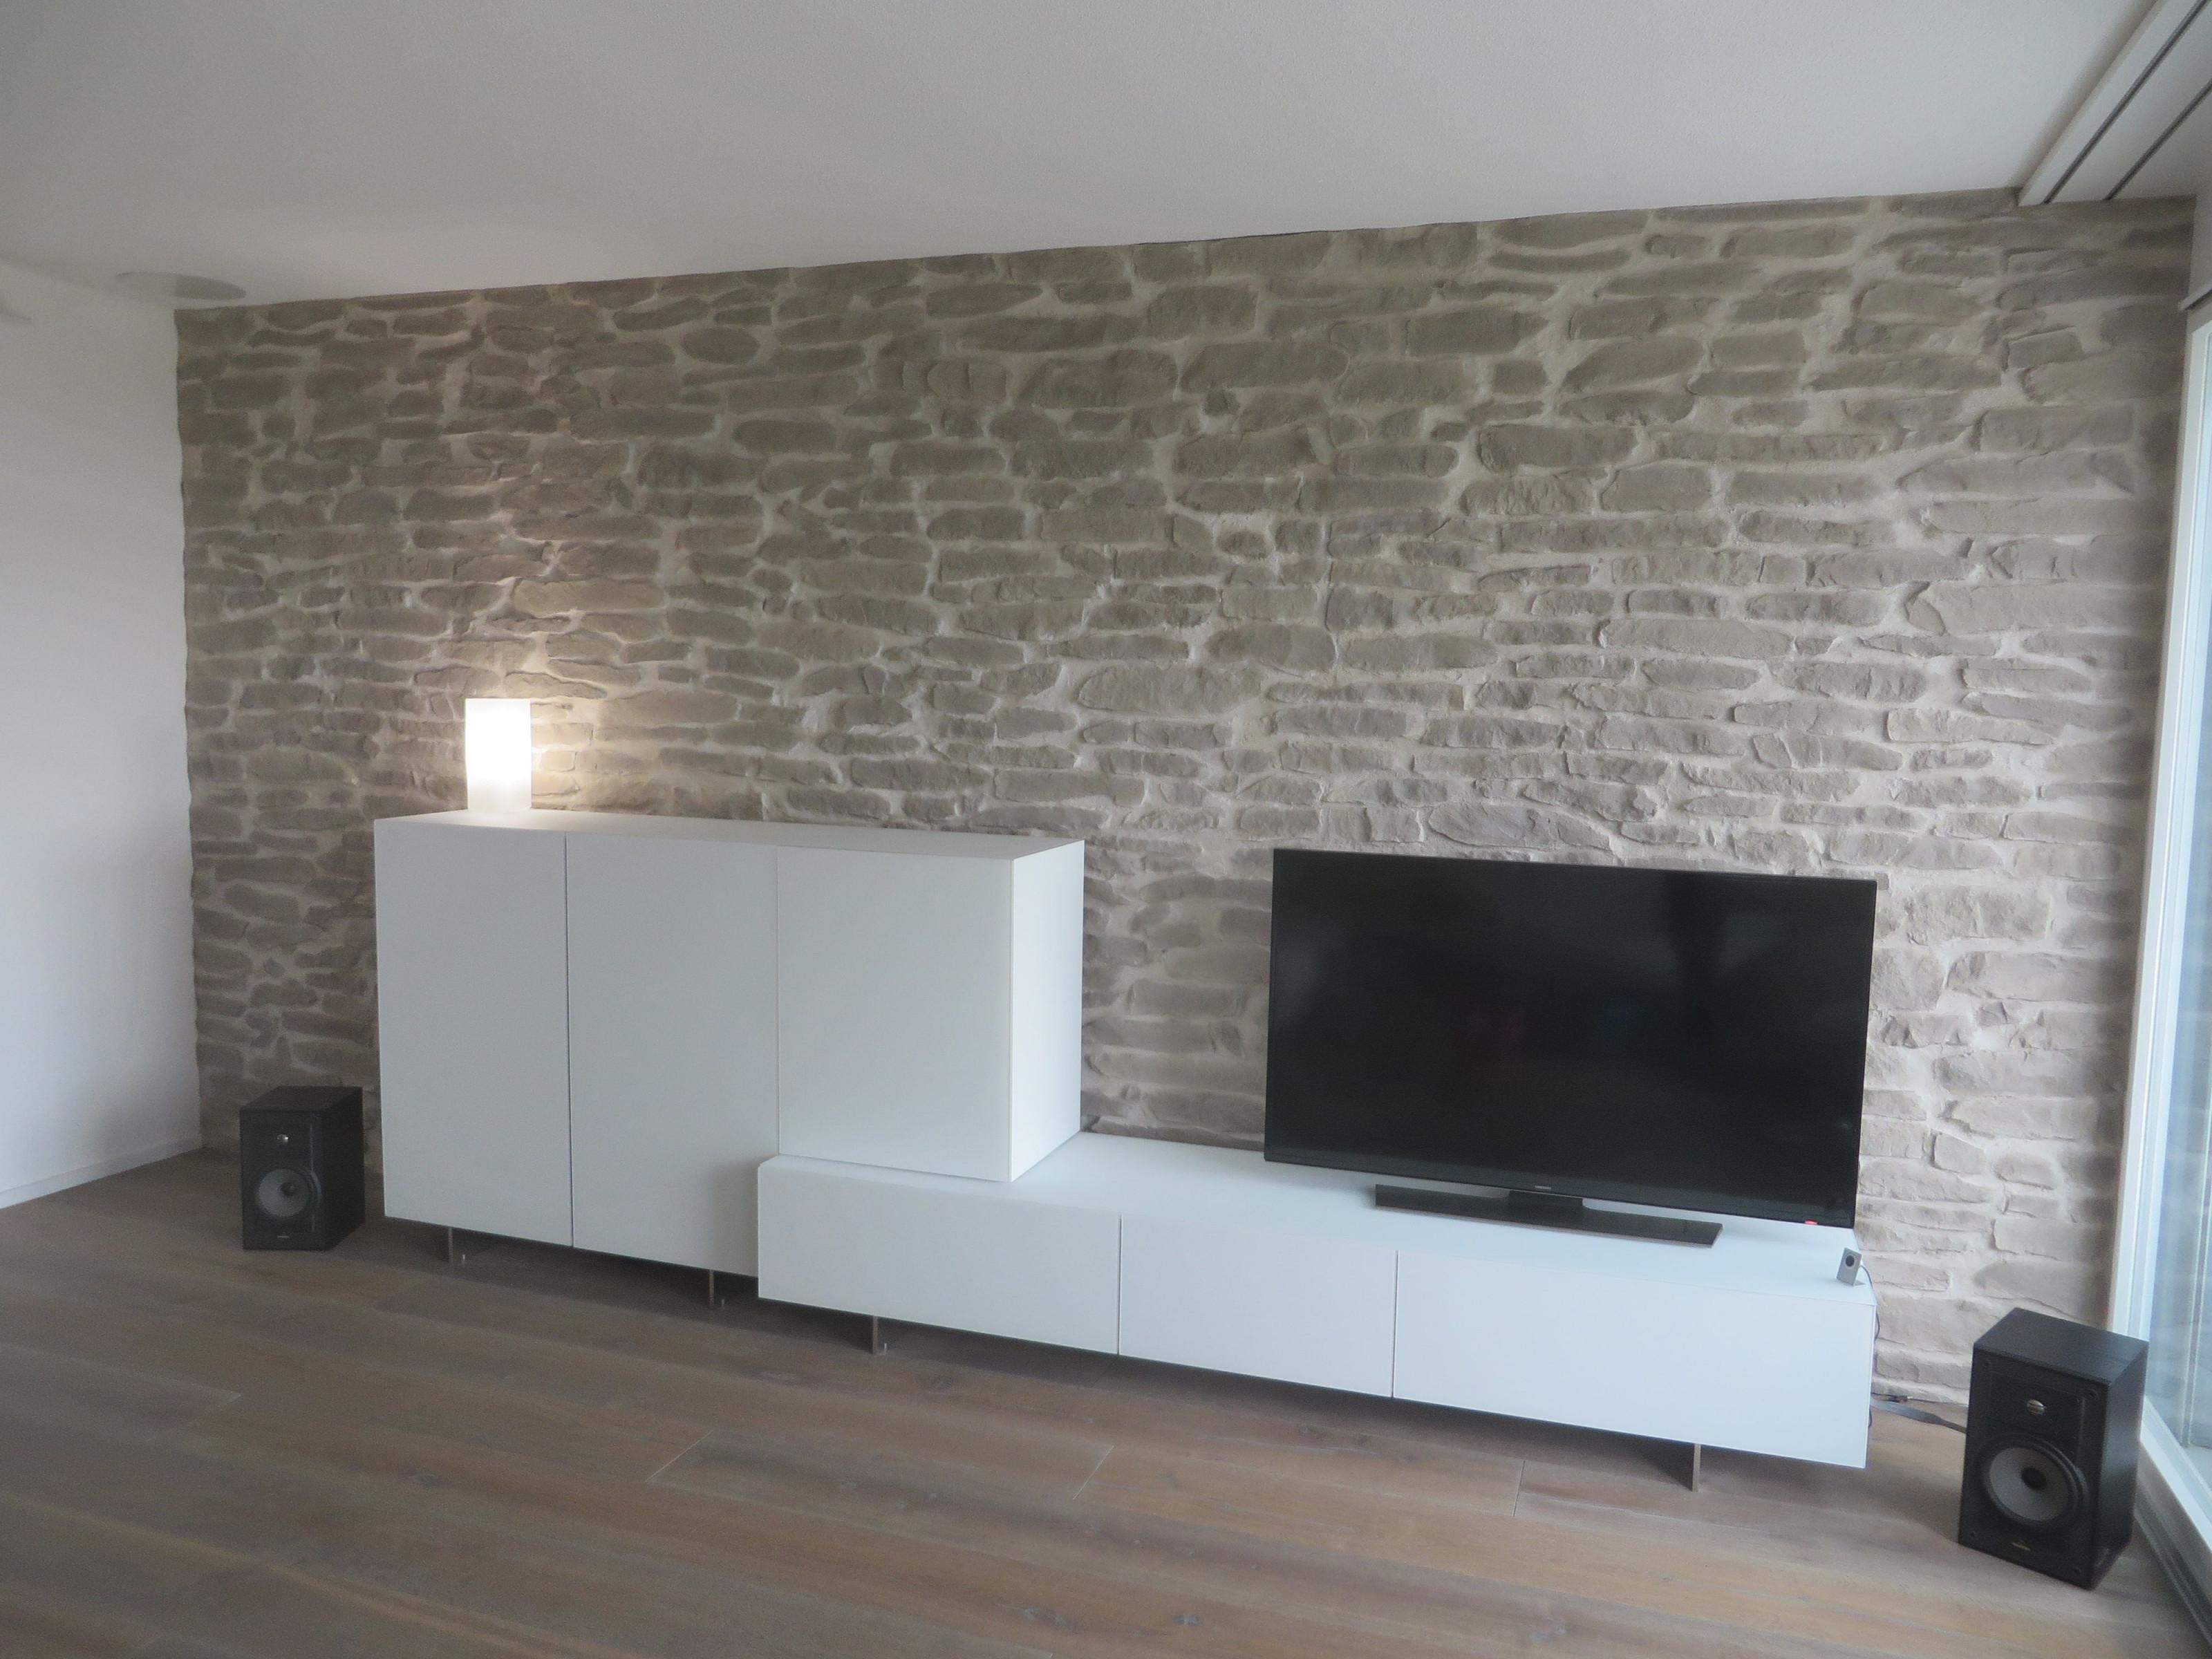 Wohnzimmerwand Steinoptik Lajas  Wandgestaltung Wohnzimmer von Wandverkleidung Wohnzimmer Ideen Photo